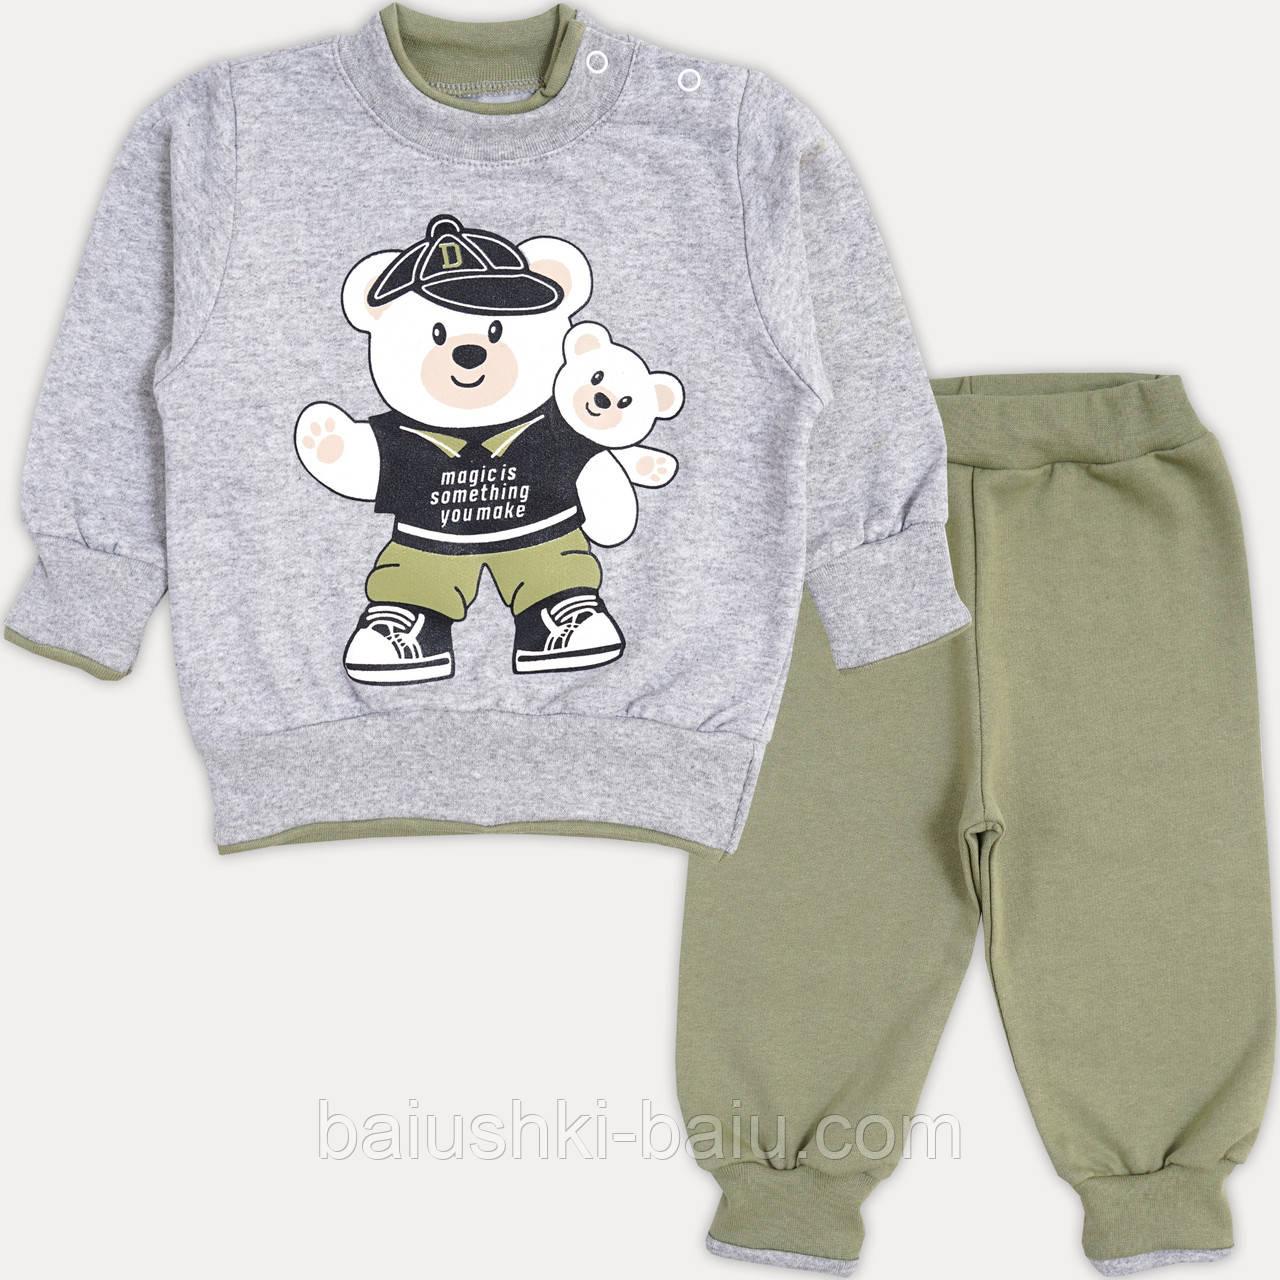 Джемпер и штаны теплые для мальчика (футер с начесом)